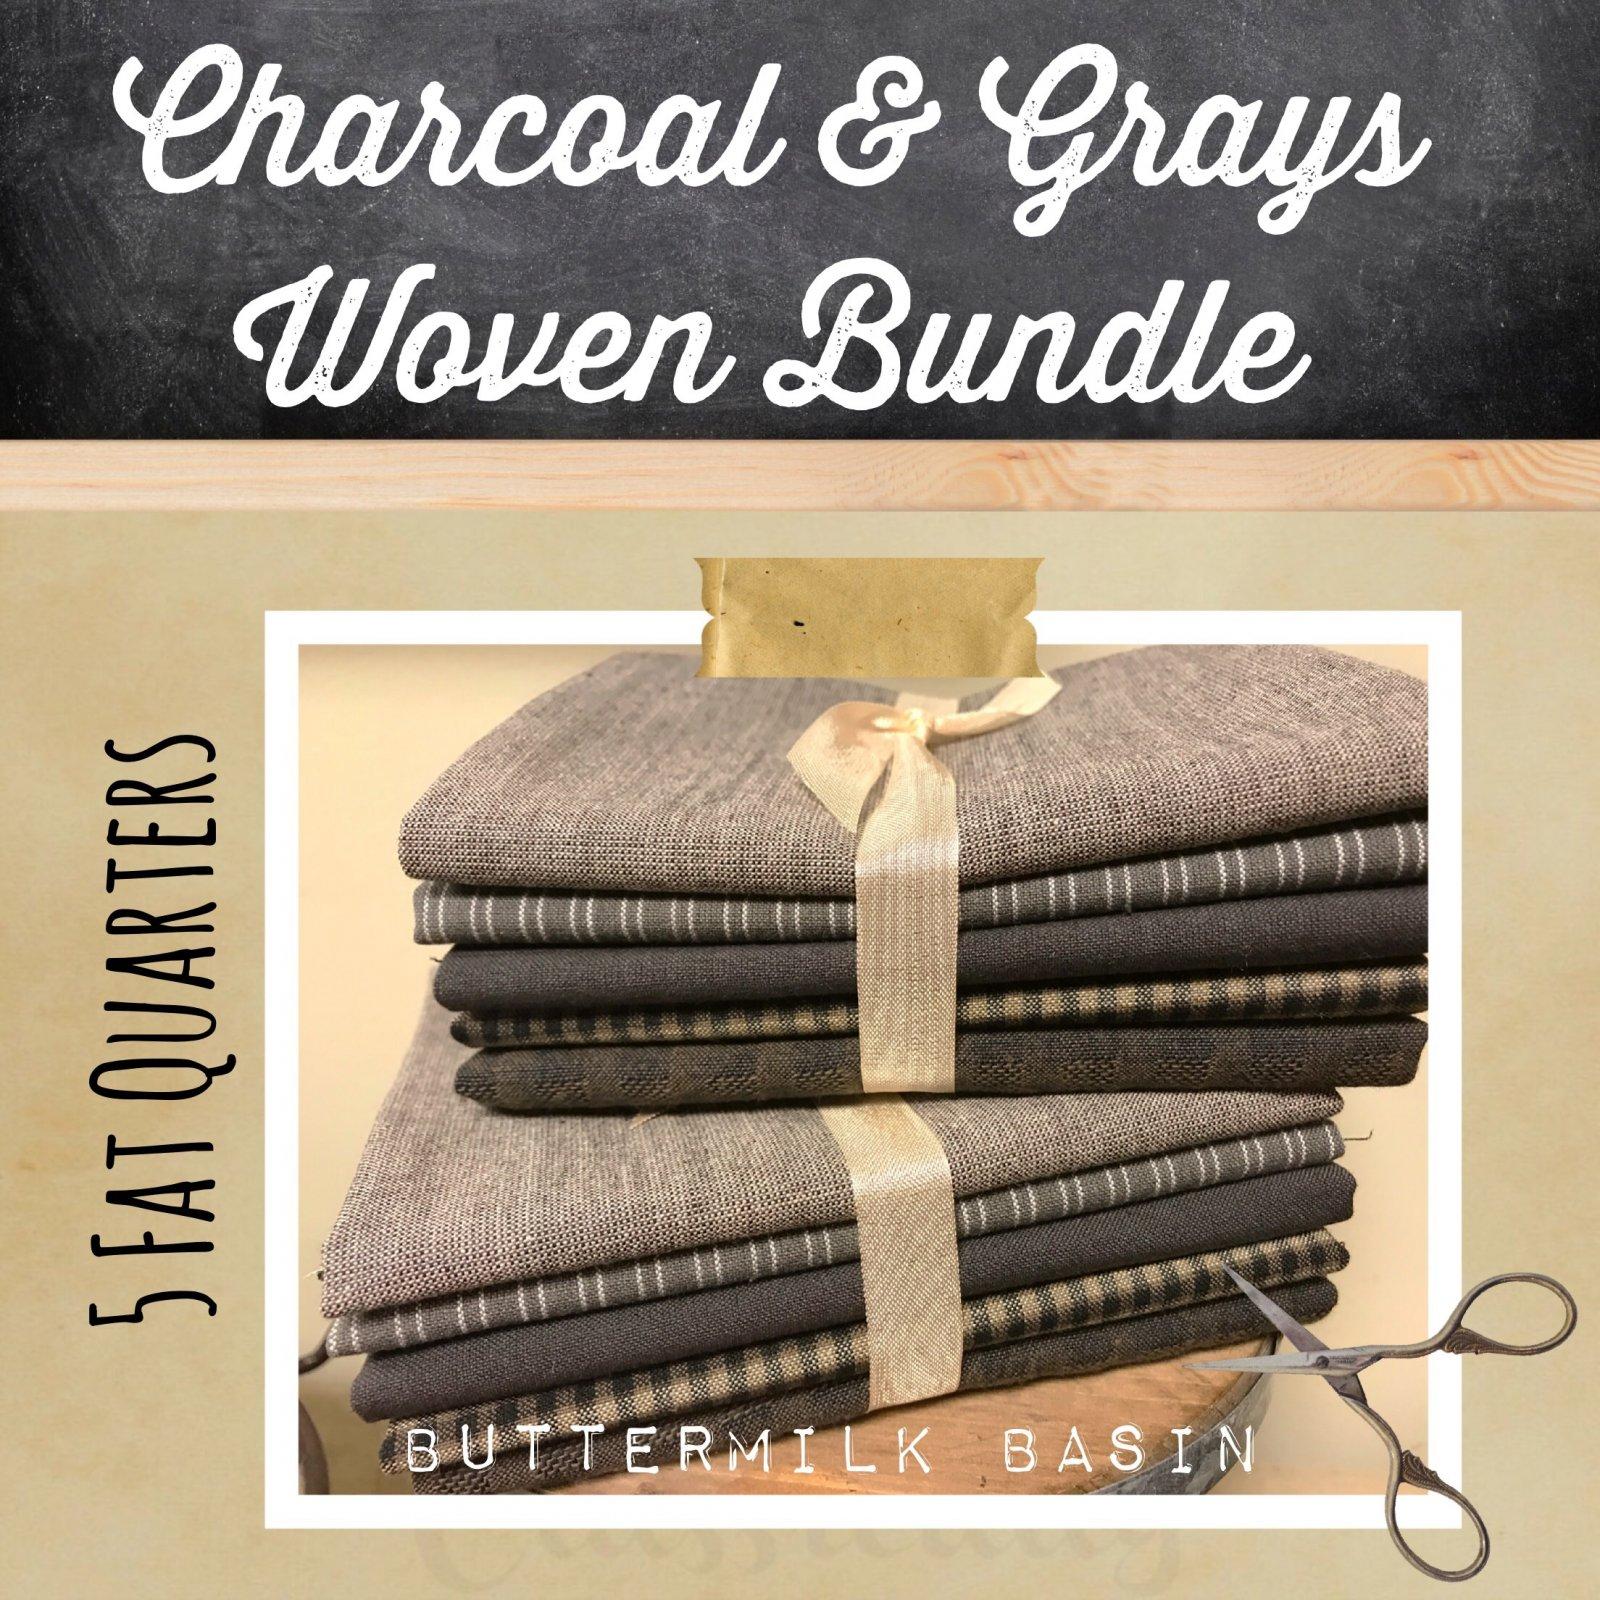 Charcoal & Grays Woven Bundle